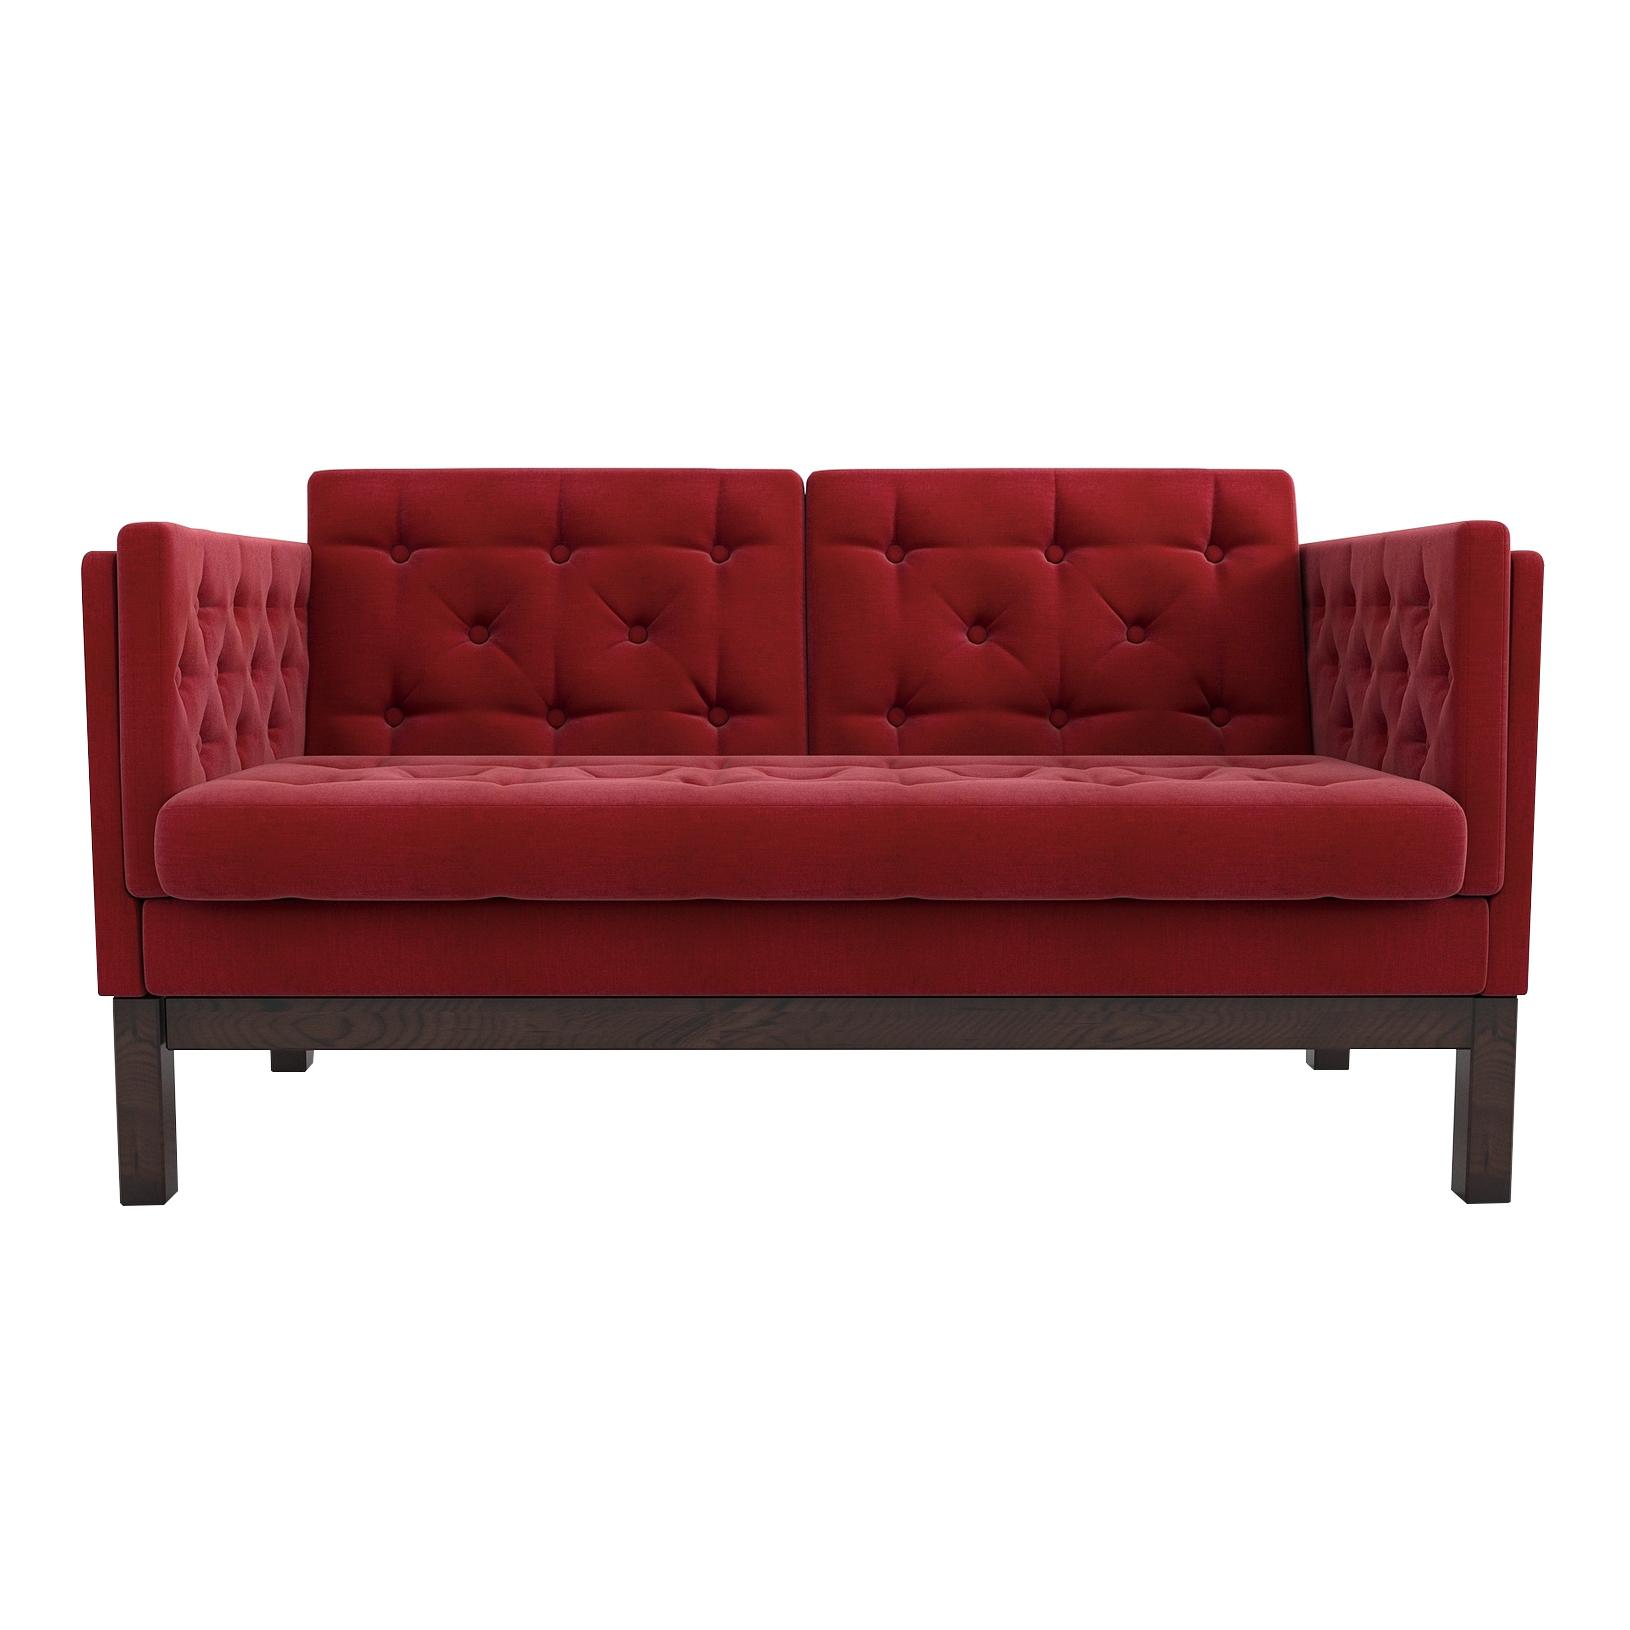 Фото - Диван AS Алана м 154x82x83 венге/красный диван as алана м 154x82x83 сосна коричневый